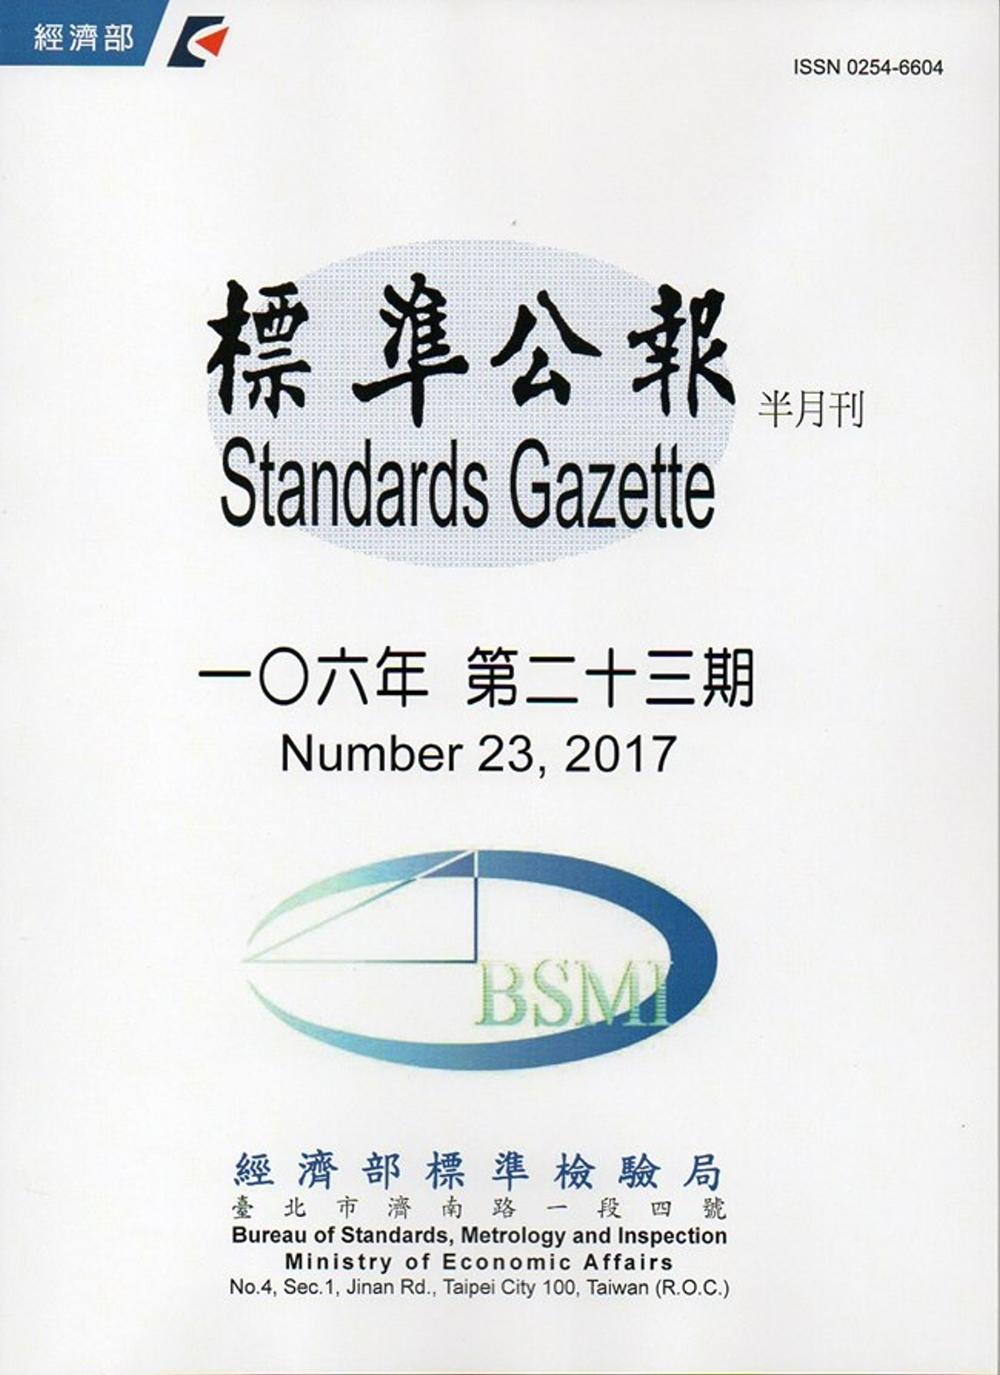 標準公報半月刊106年 第二十三期